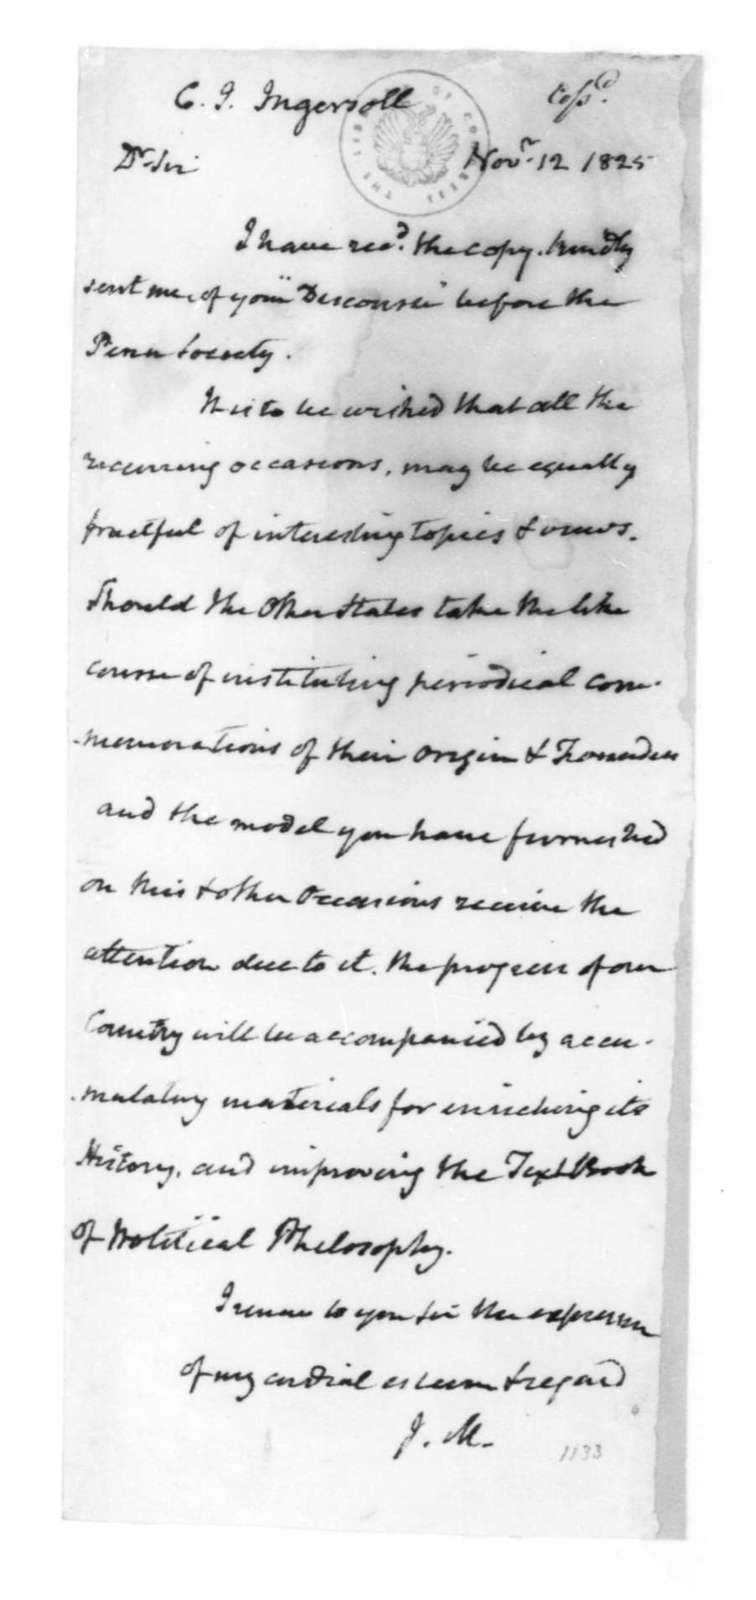 James Madison to Charles J. Ingersoll, November 12, 1825.